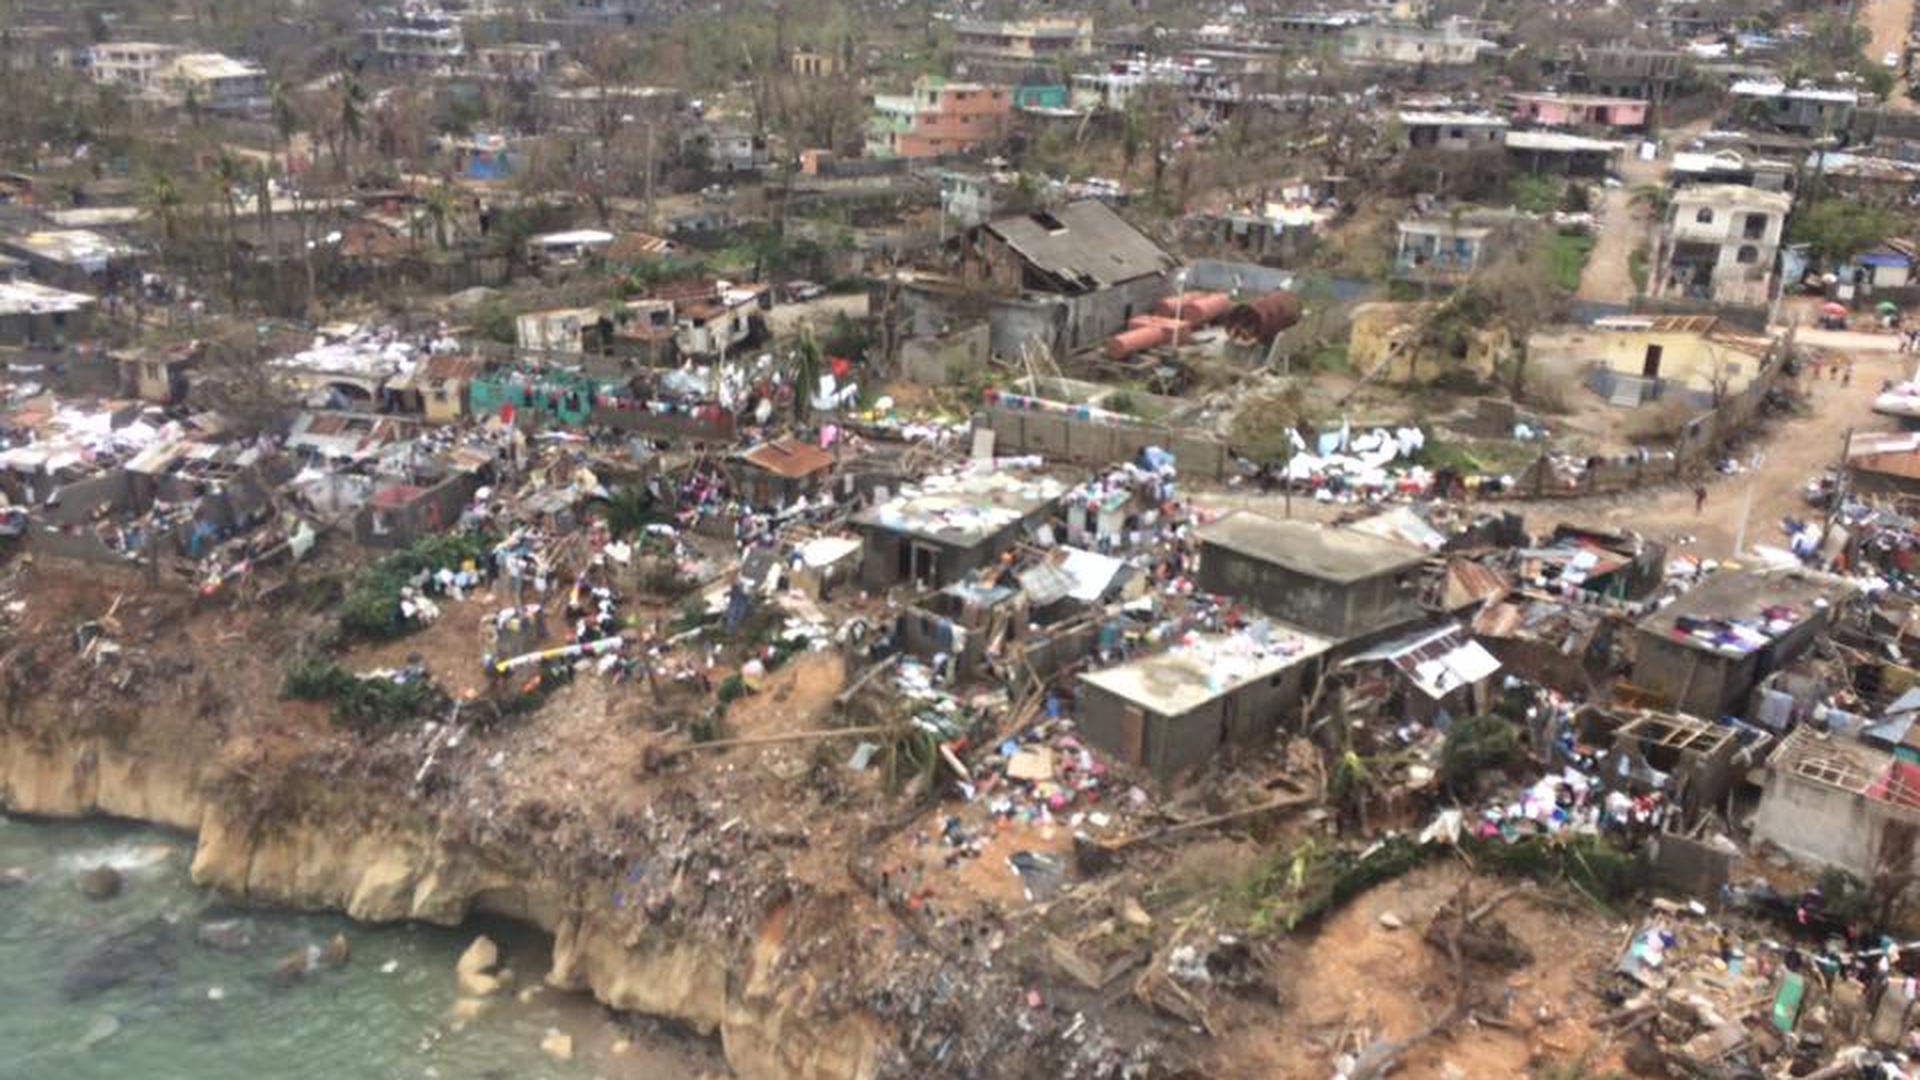 Hurrikan Mathew sorgte im Jahr 2016 für enorme Zerstörungen.